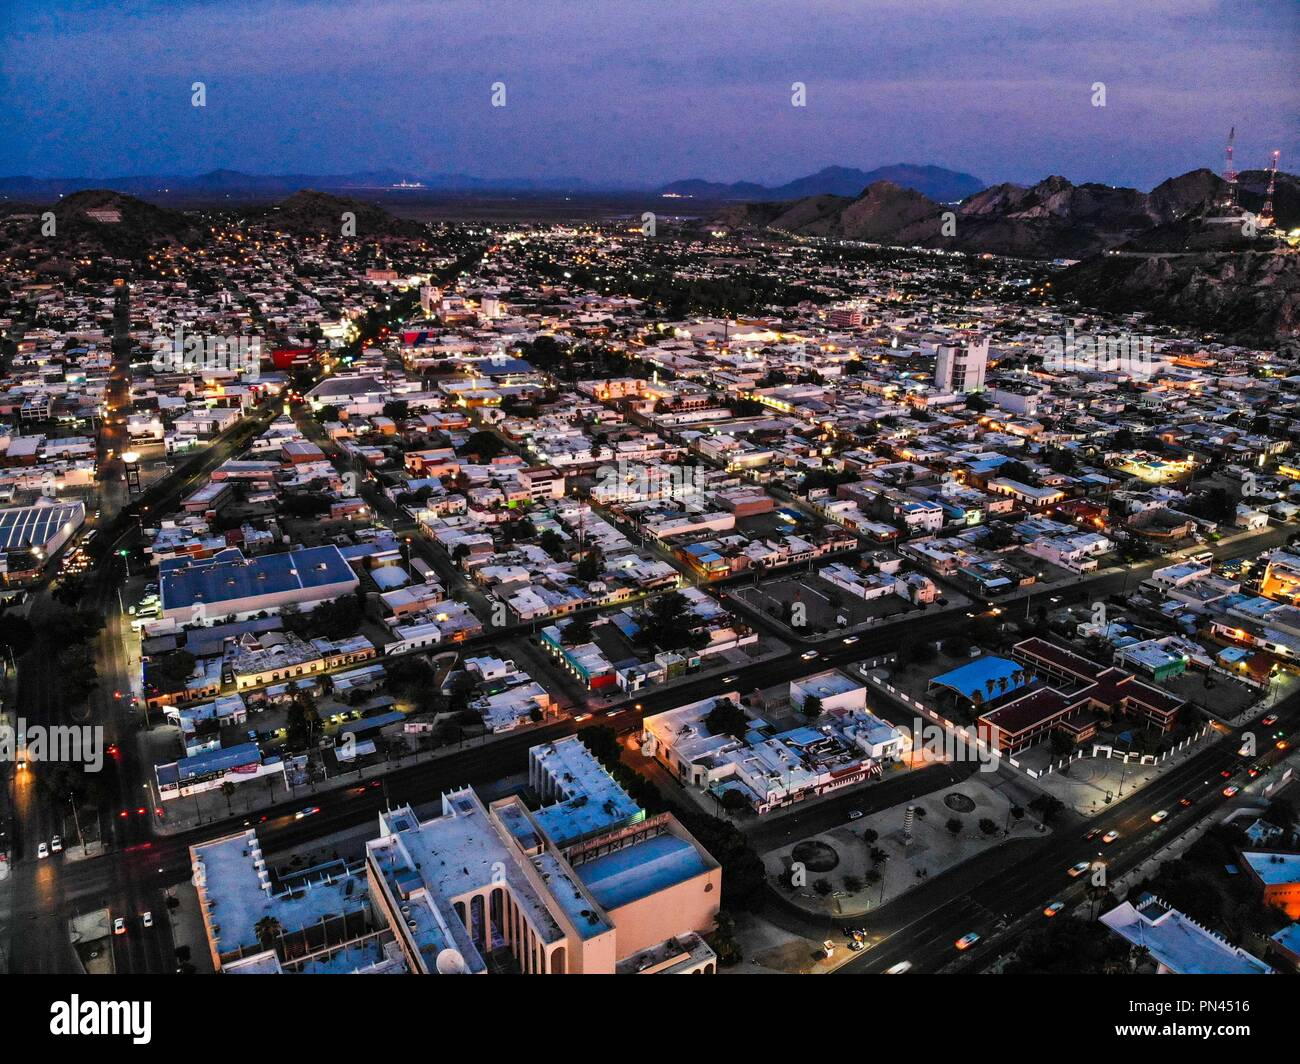 Vista aerea del la ciudad de Hermosillo. Panorámicas de Hermosillo al anochecer.  Centro e Hermosillo, Cerro de la Campana, plaza Cien Años. (Photo: L Stock Photo